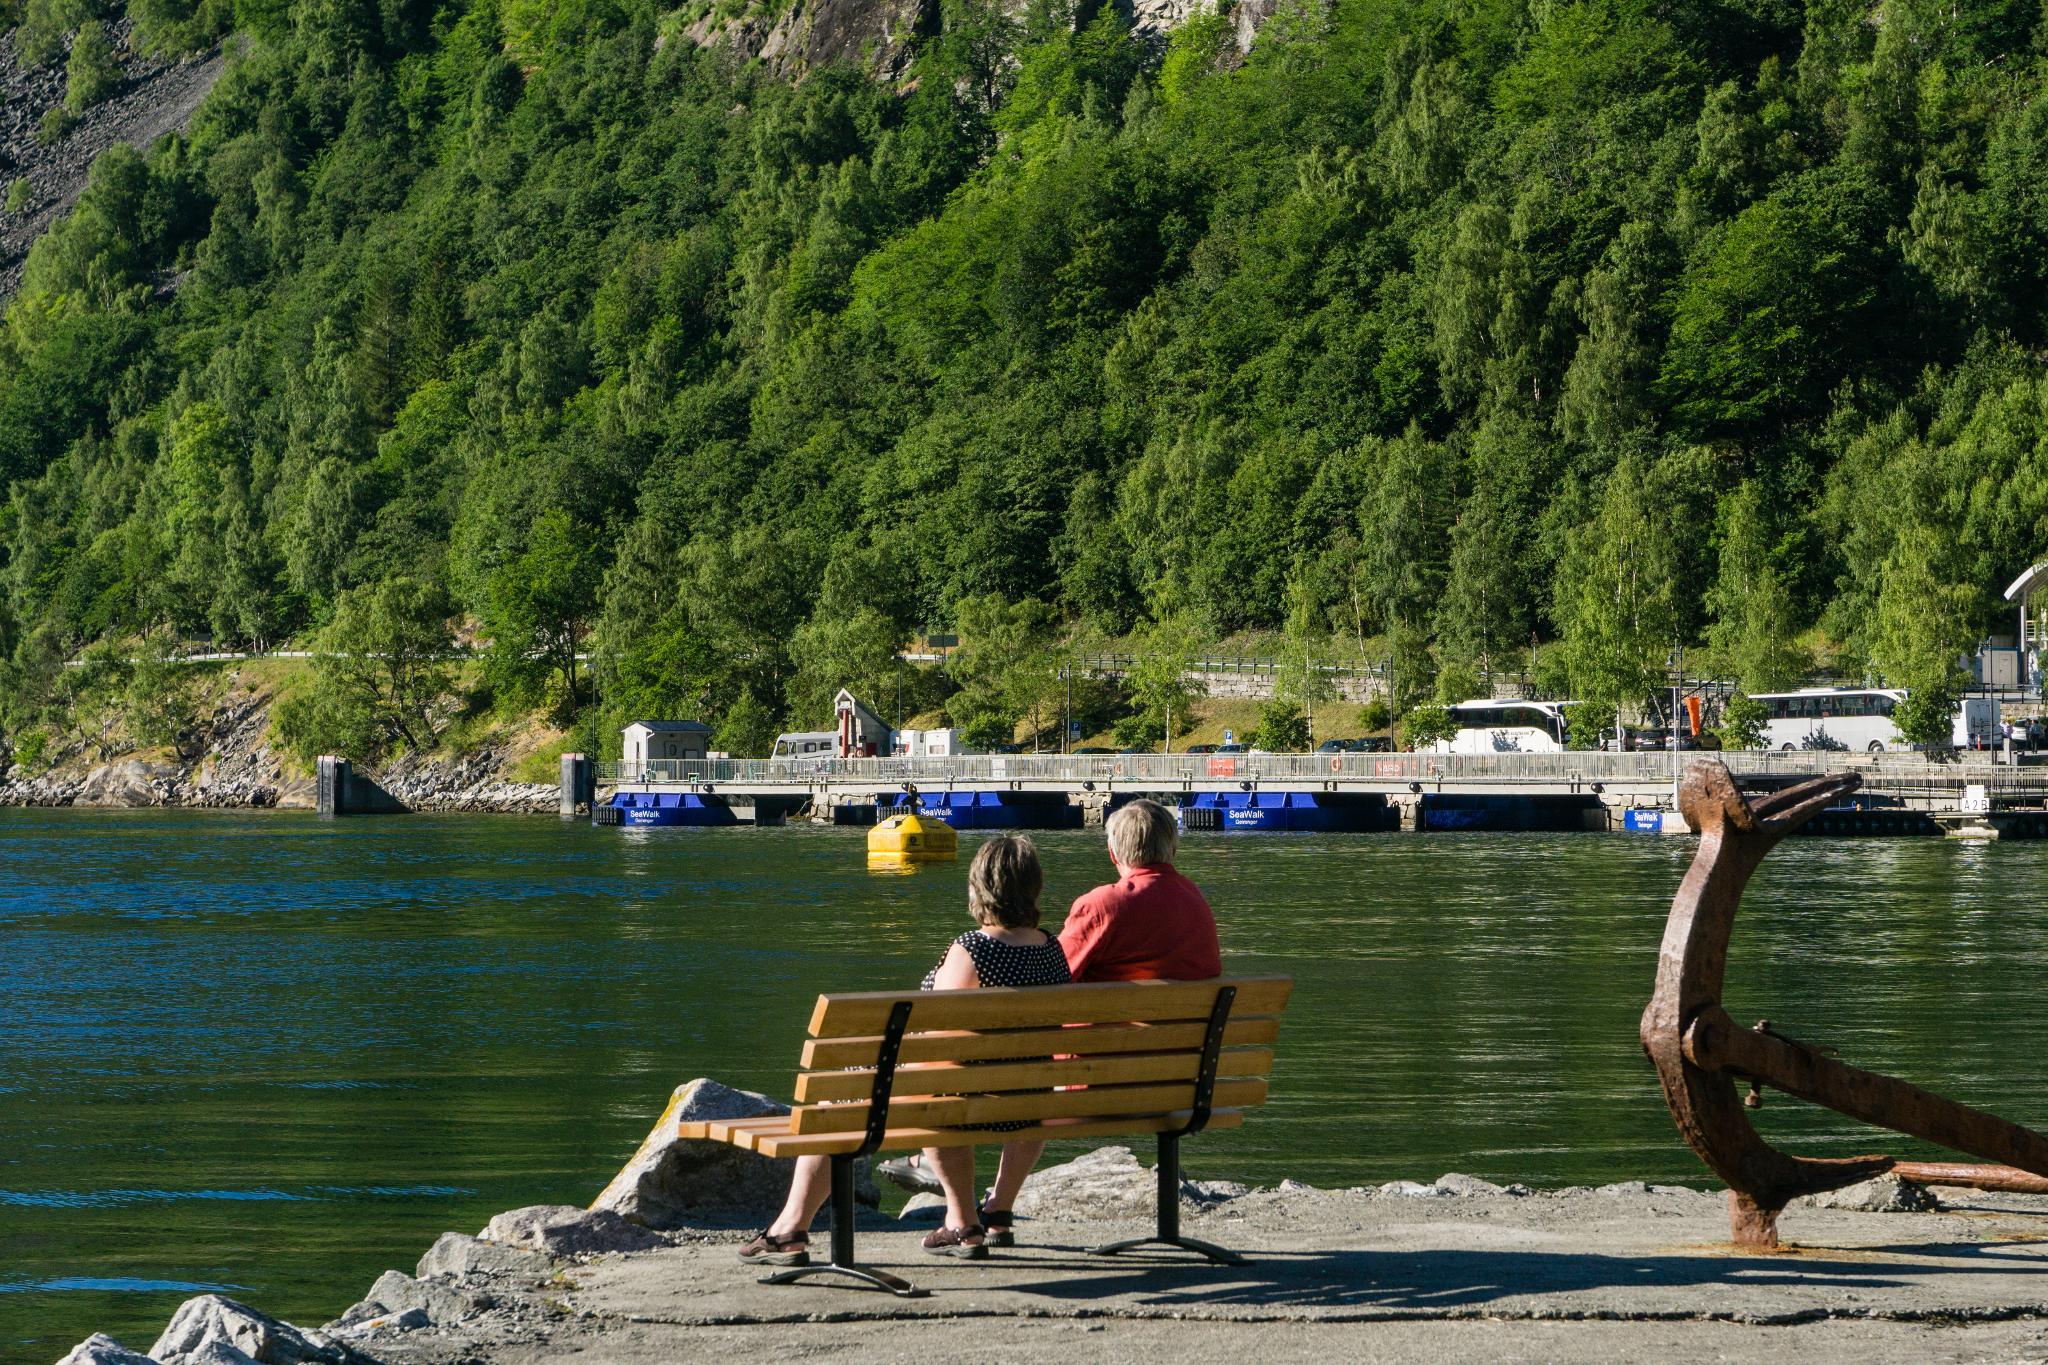 【北歐露營】在世界遺產峽灣旁露營 — 坐擁壯闊海景第一排的 Geiranger Camping 15